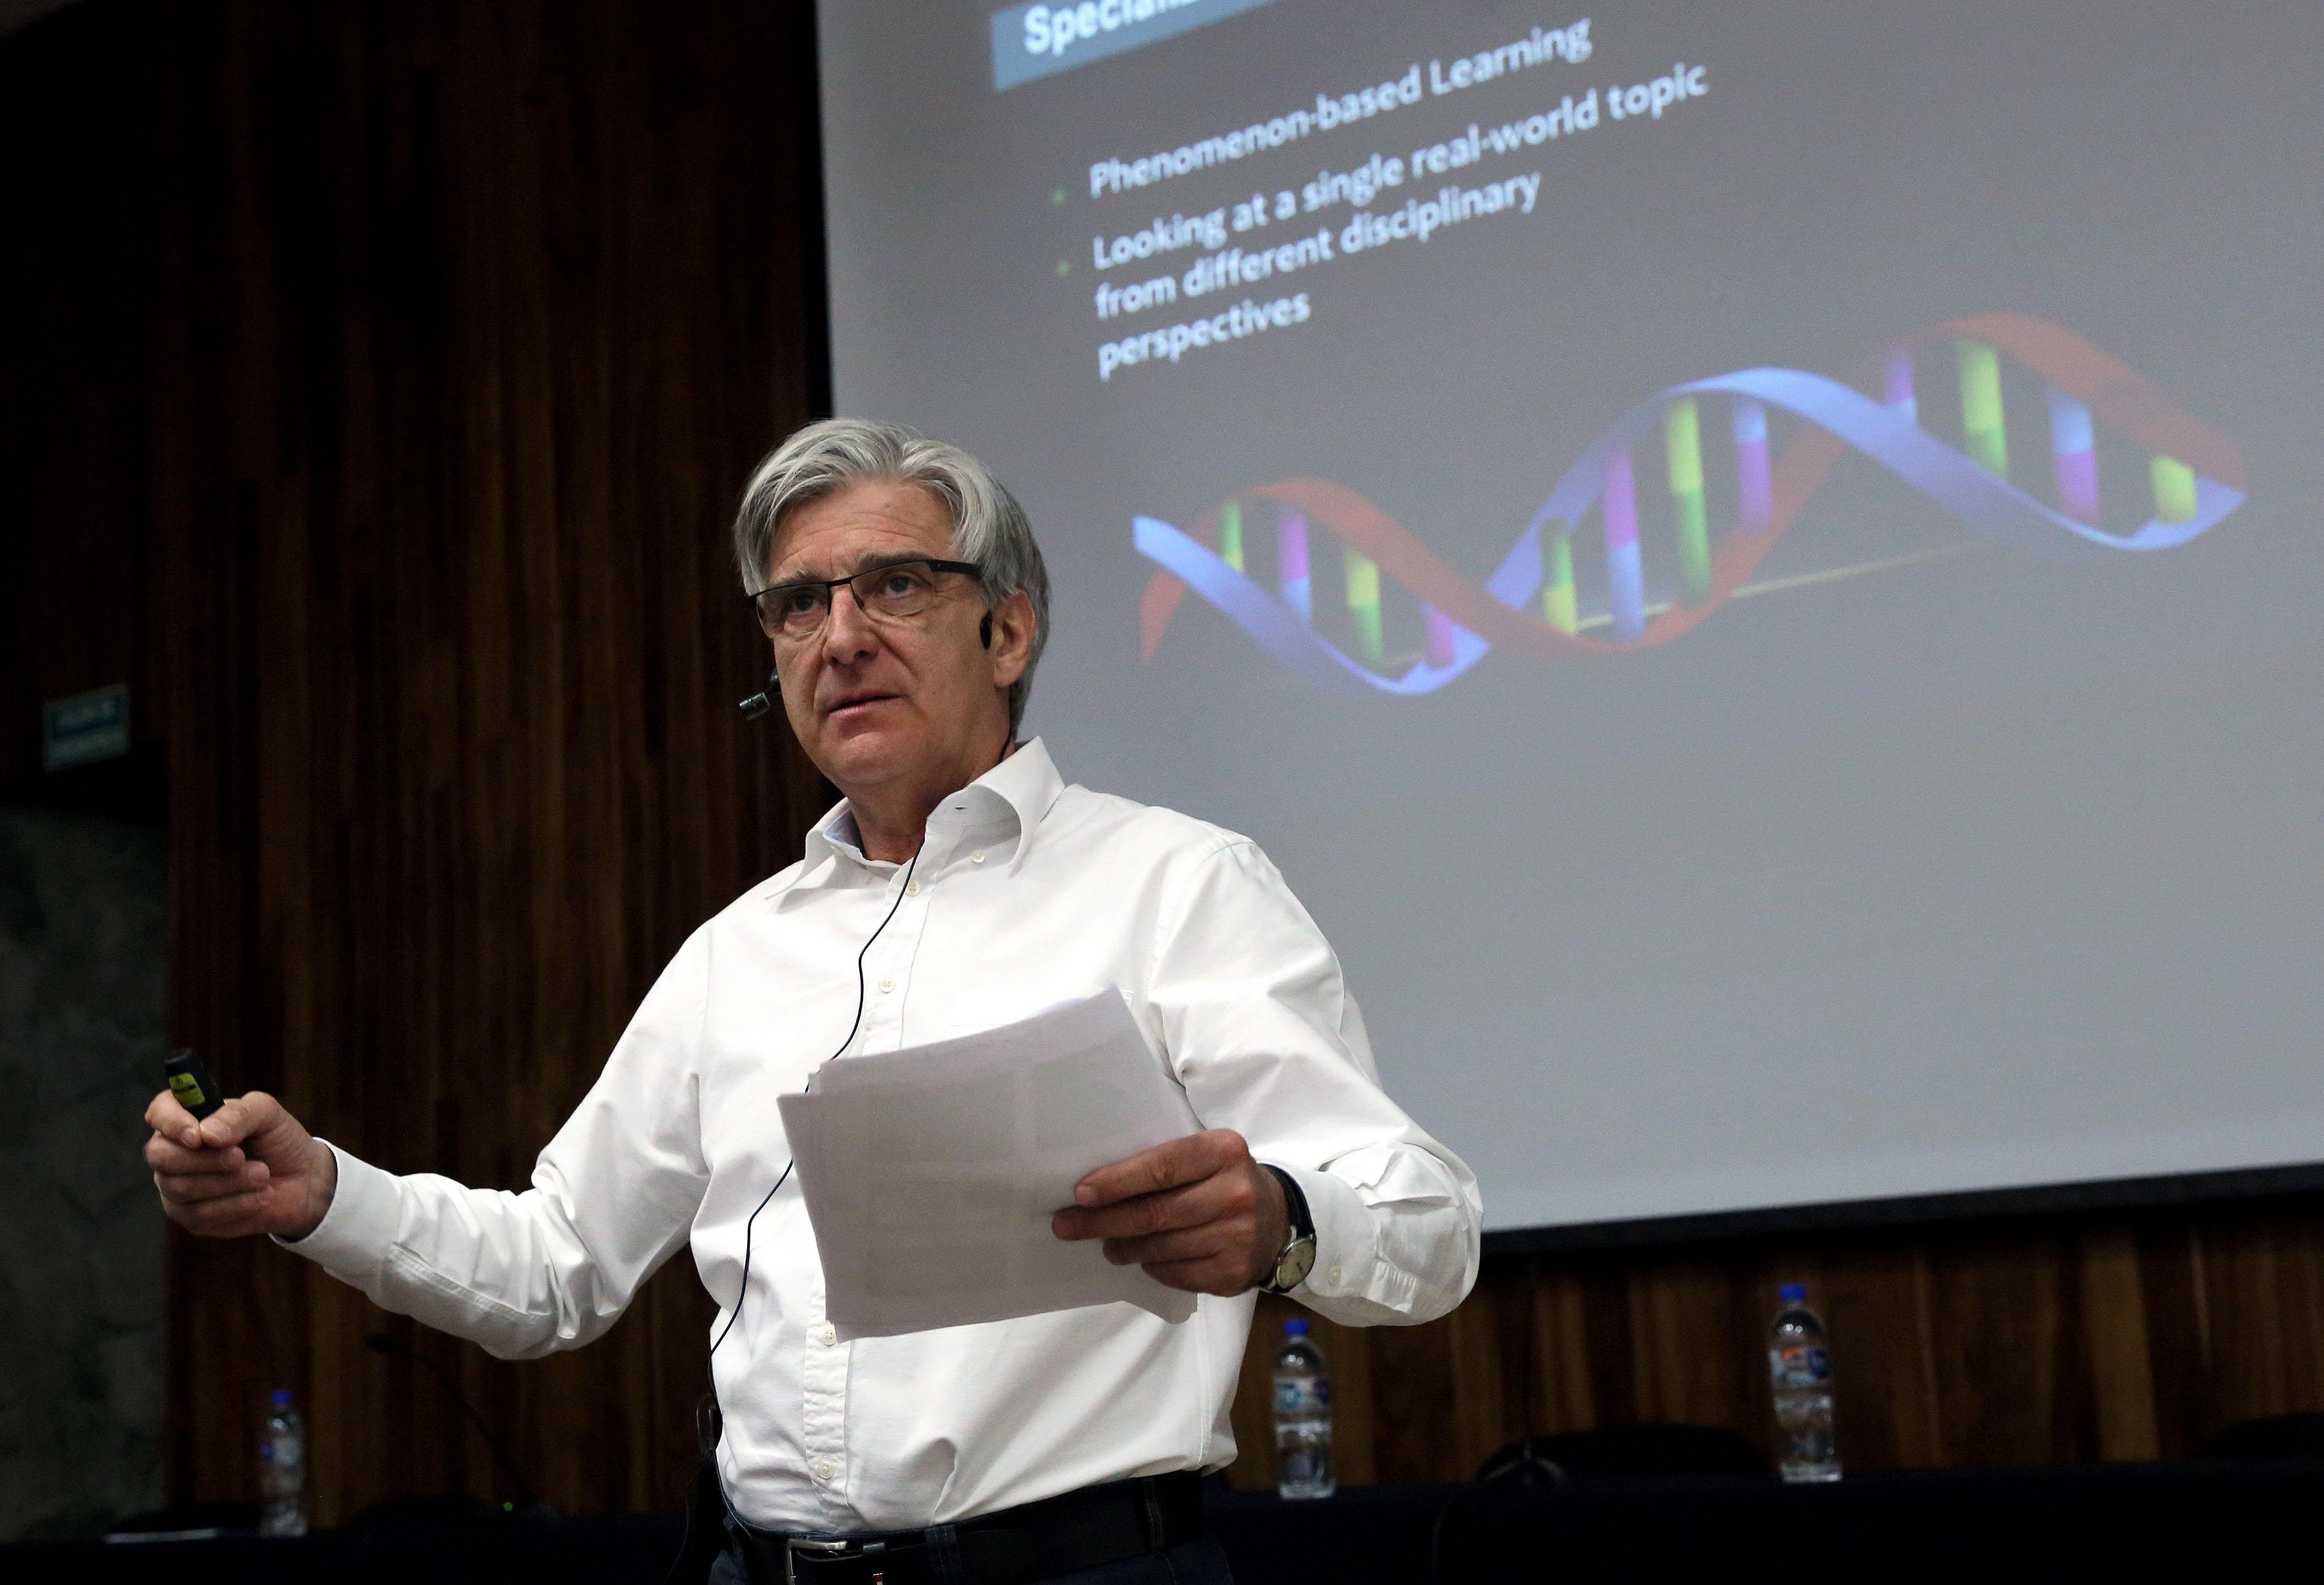 """El doctor David Marsh, profesor de la Universidad de Jyväskylä, en Finlandia; dictando su conferencia  """"Shaping tomorrow: new horizons in English language teaching""""."""